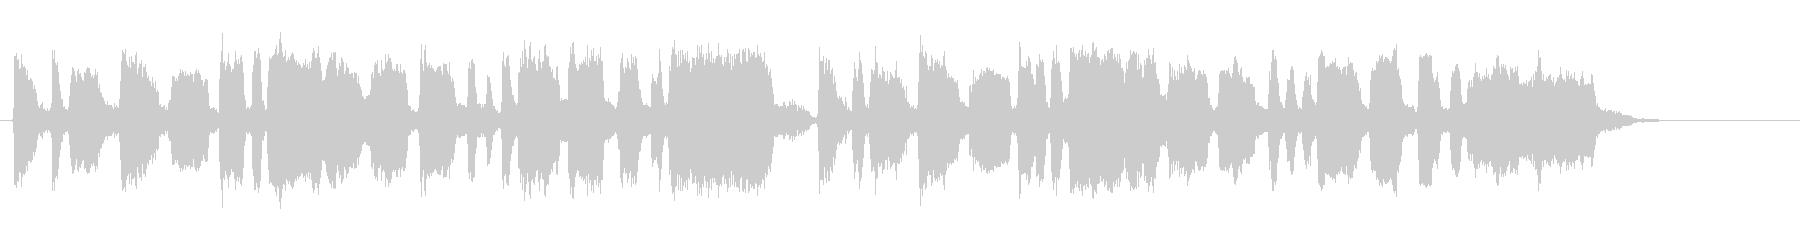 明るく煌びやかトランペットファンファーレの未再生の波形